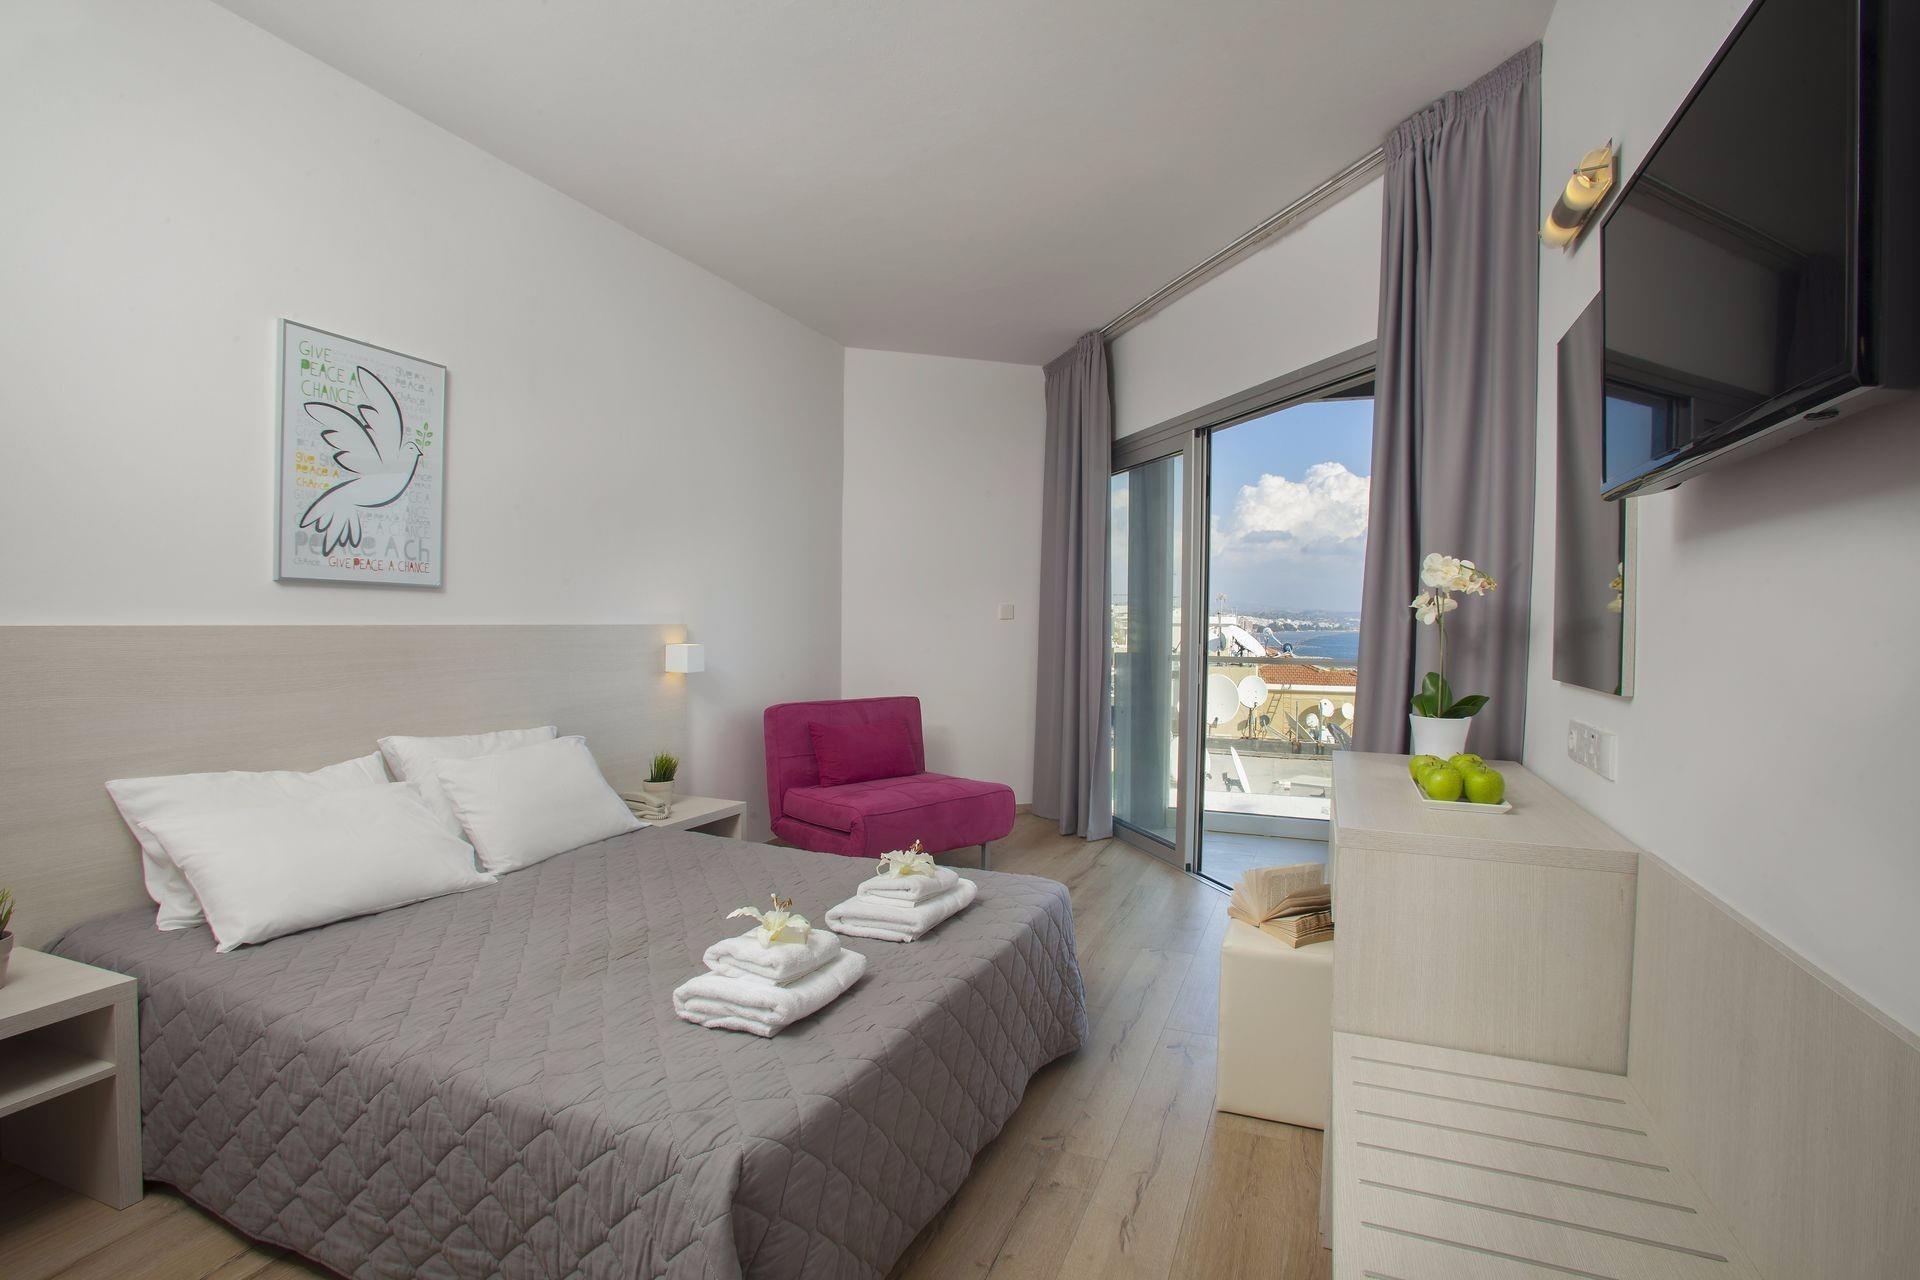 лимассол кипр фото города гармония отель изображений нажимайте